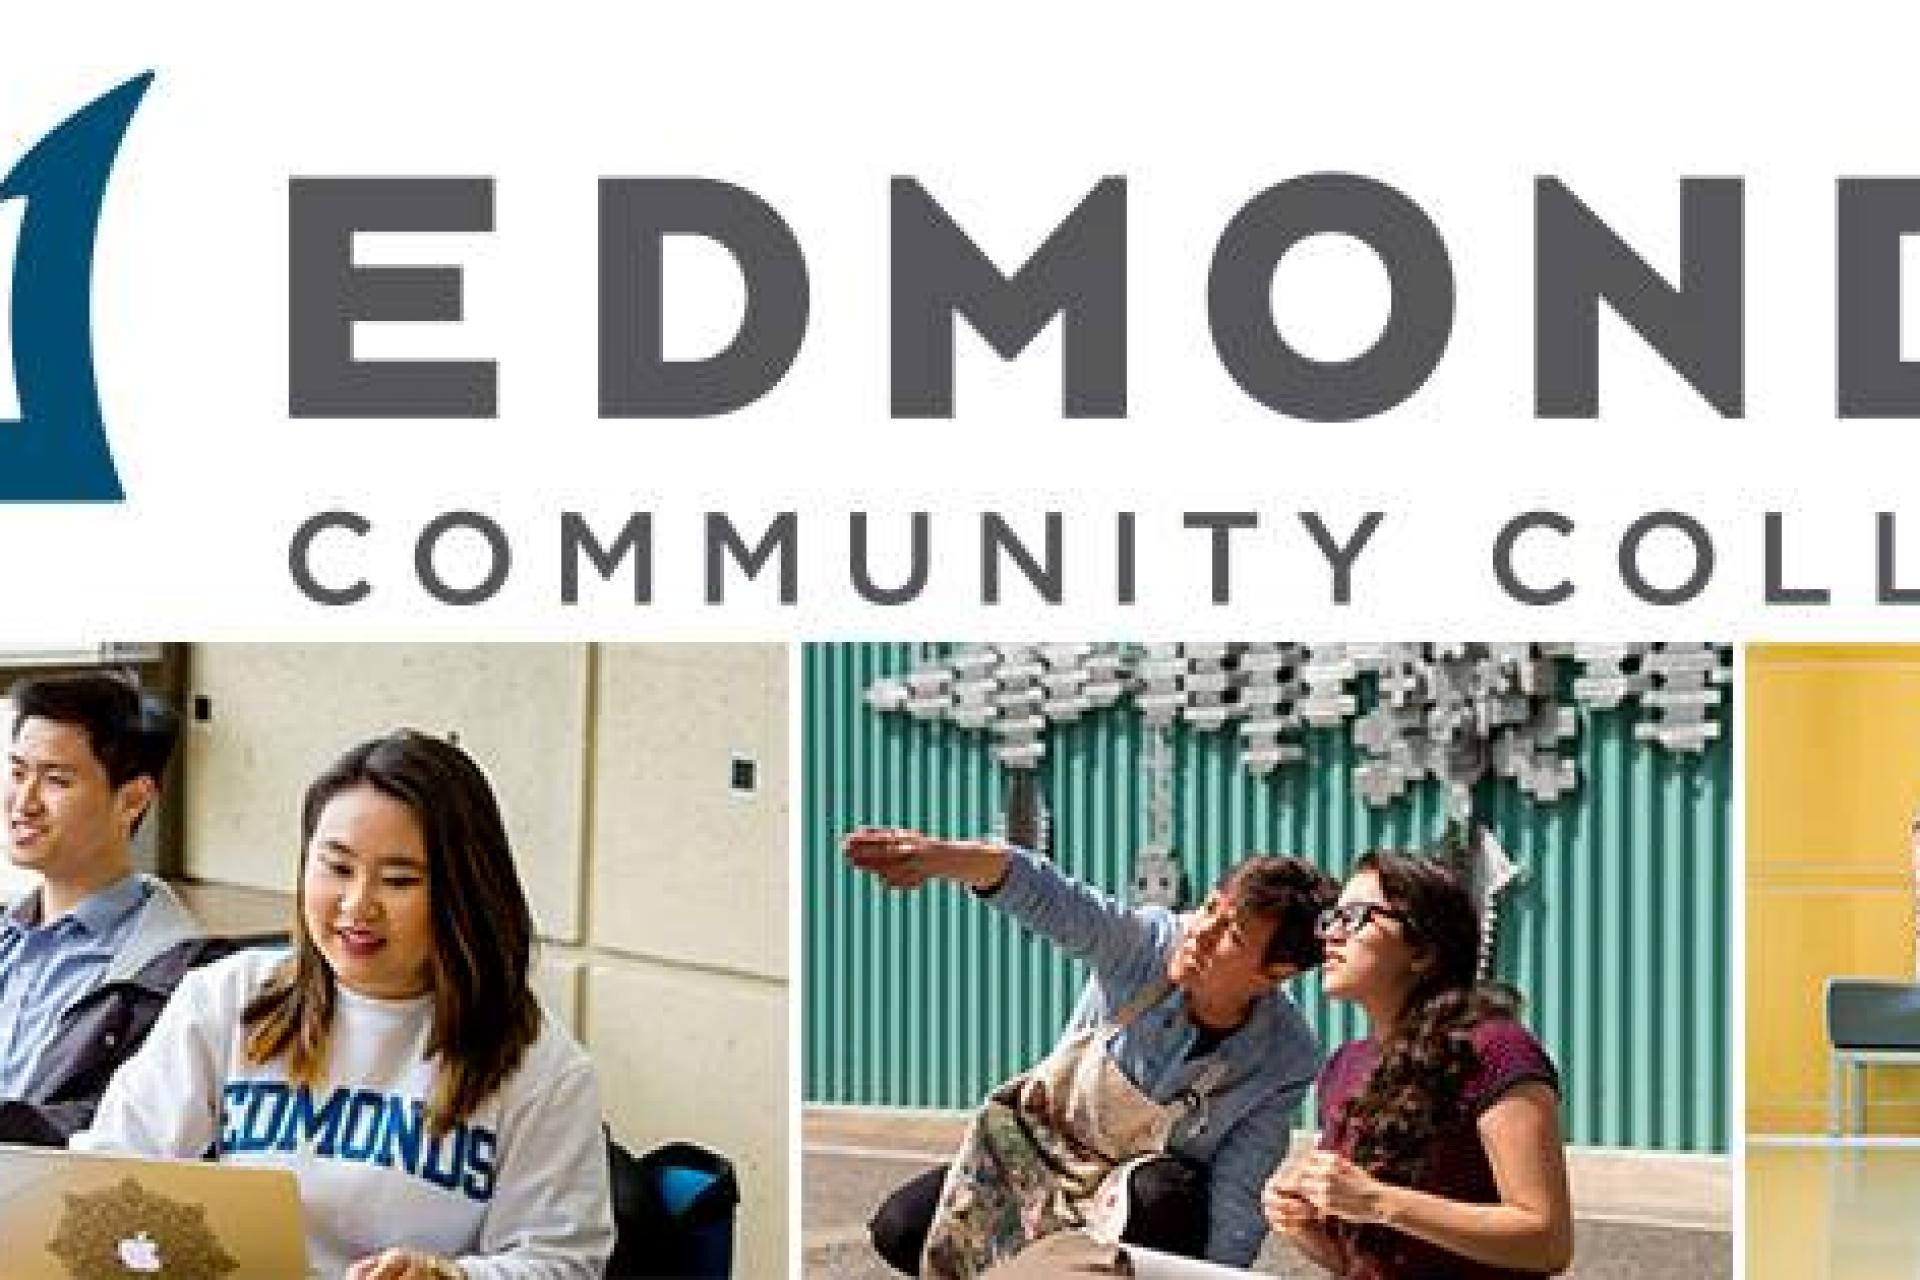 エドモンズ・コミュニティカレッジ